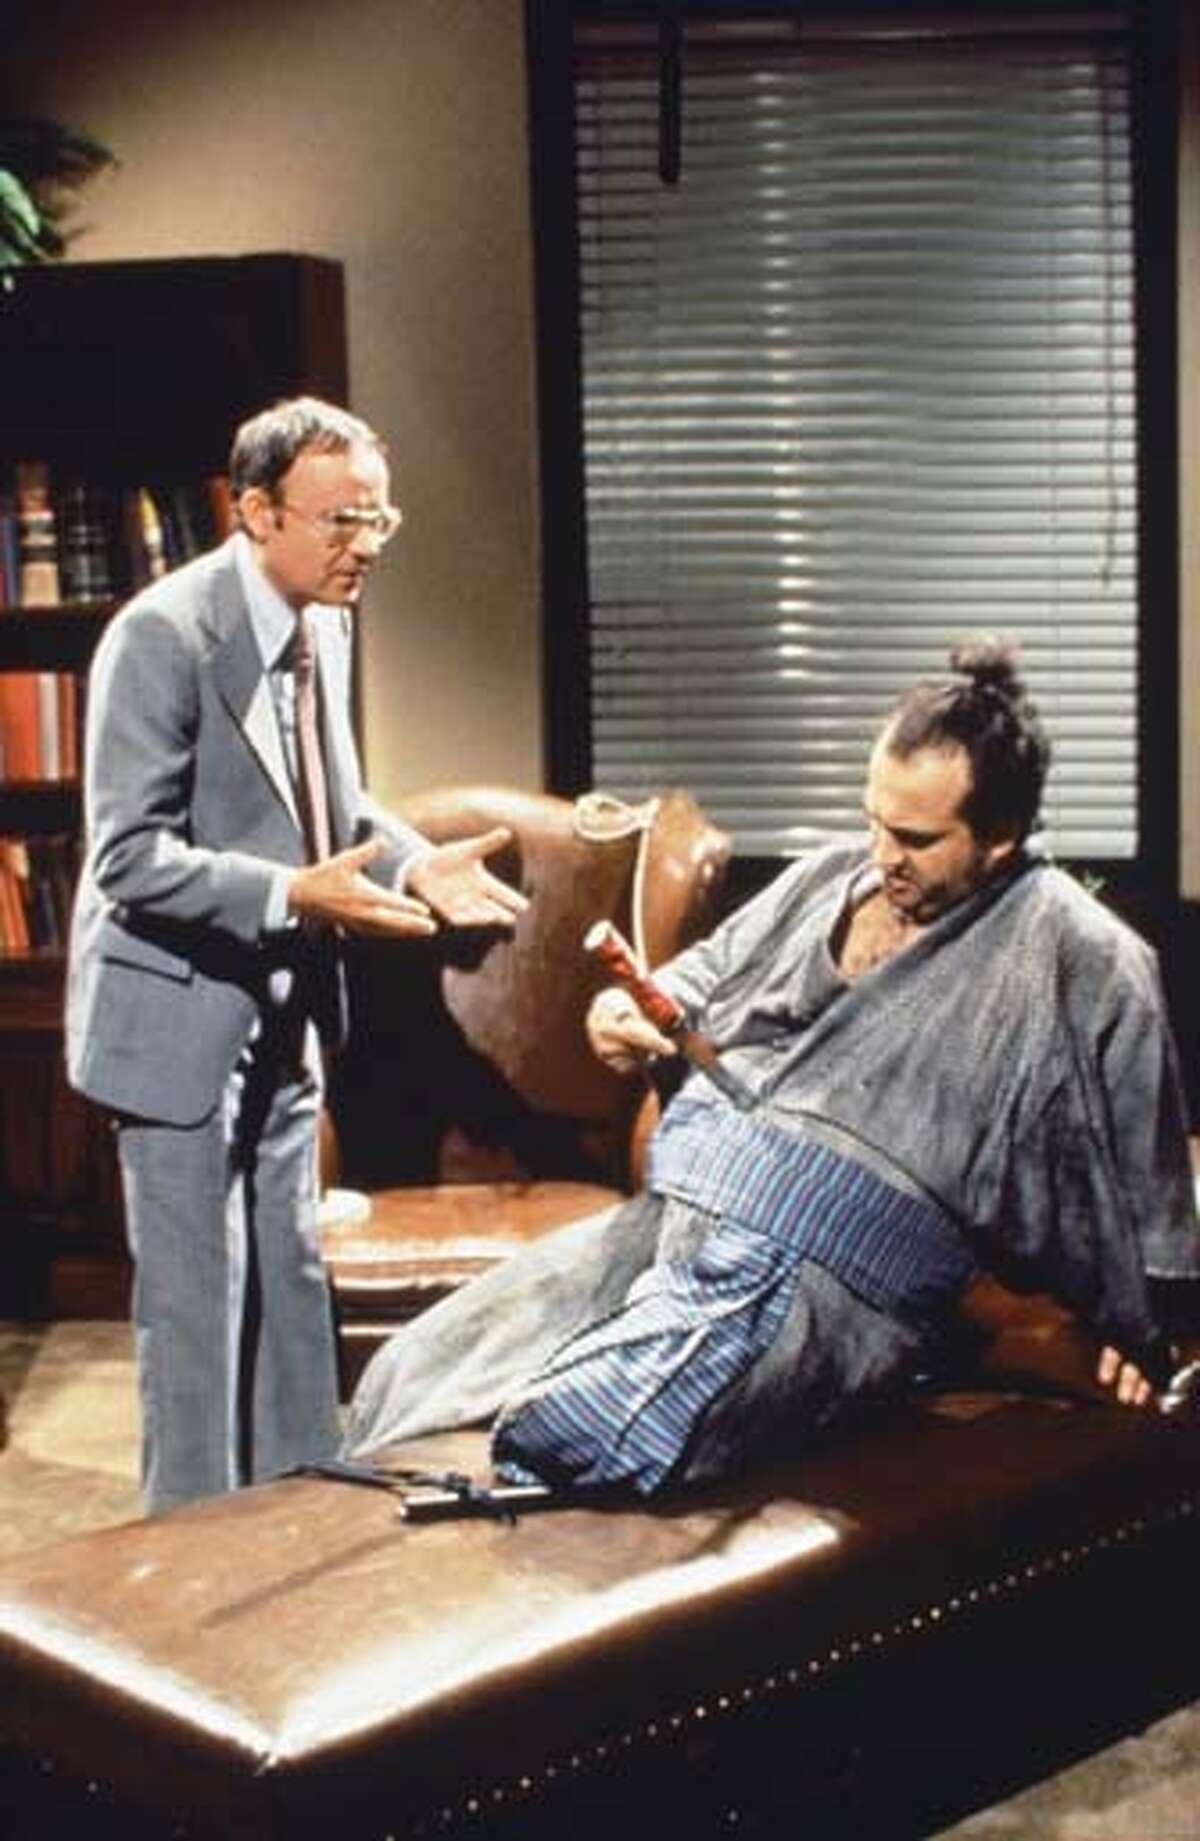 Buck Henry as Mr. Dantly, John Belushi as Samurai Futaba during 'Samurai Psychiatrist' skit on November 19, 1977